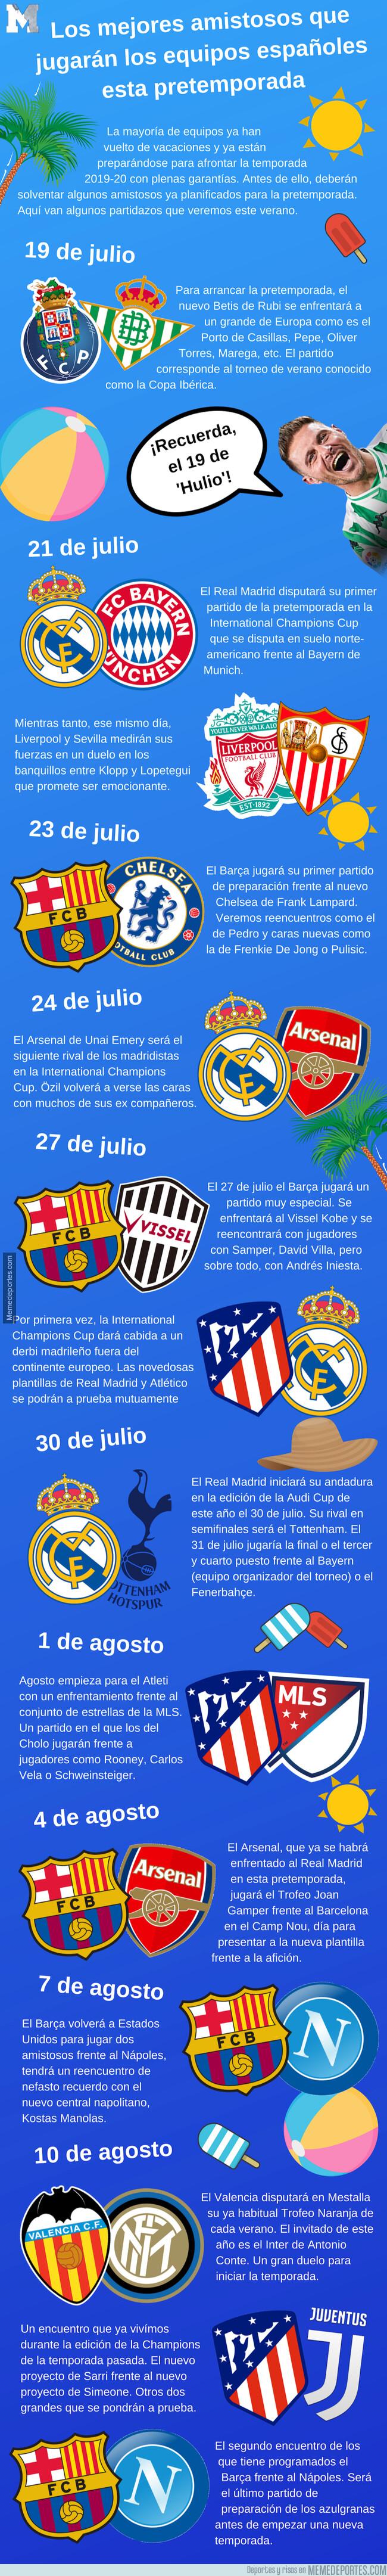 1080271 - Los mejores amistosos que jugarán los equipos españoles esta pretemporada